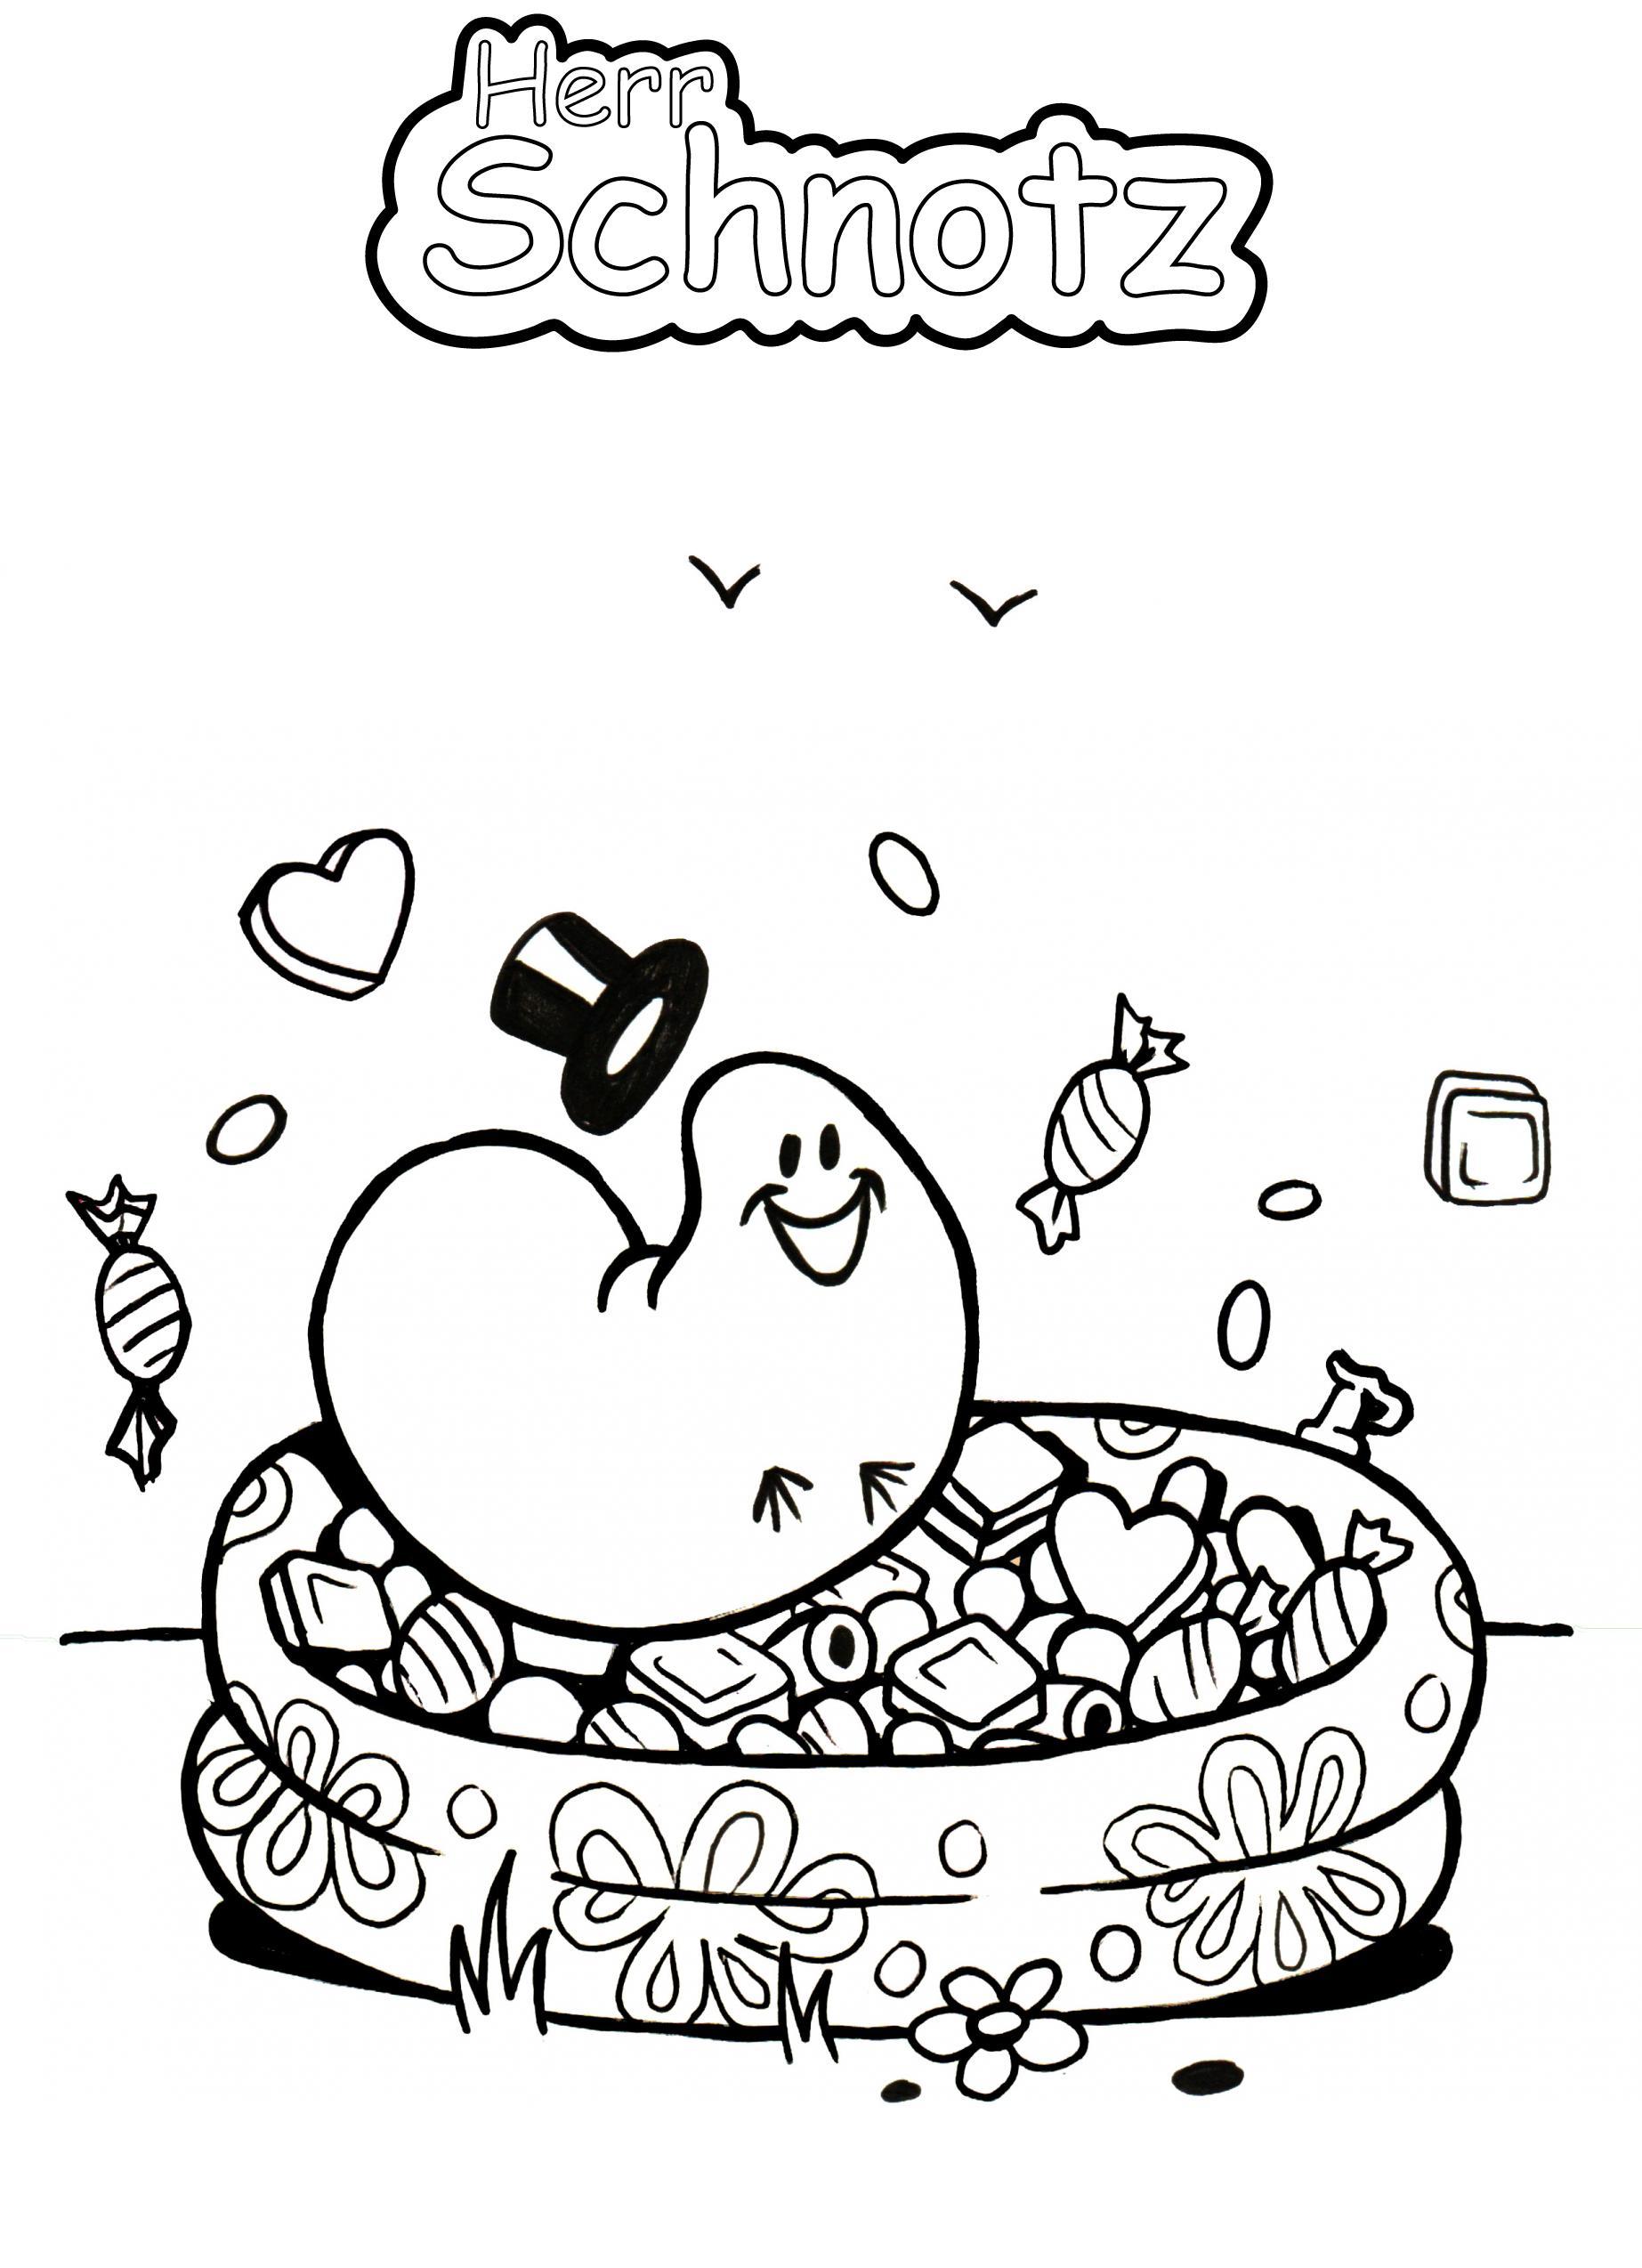 Süßigkeiten Schwimmbad